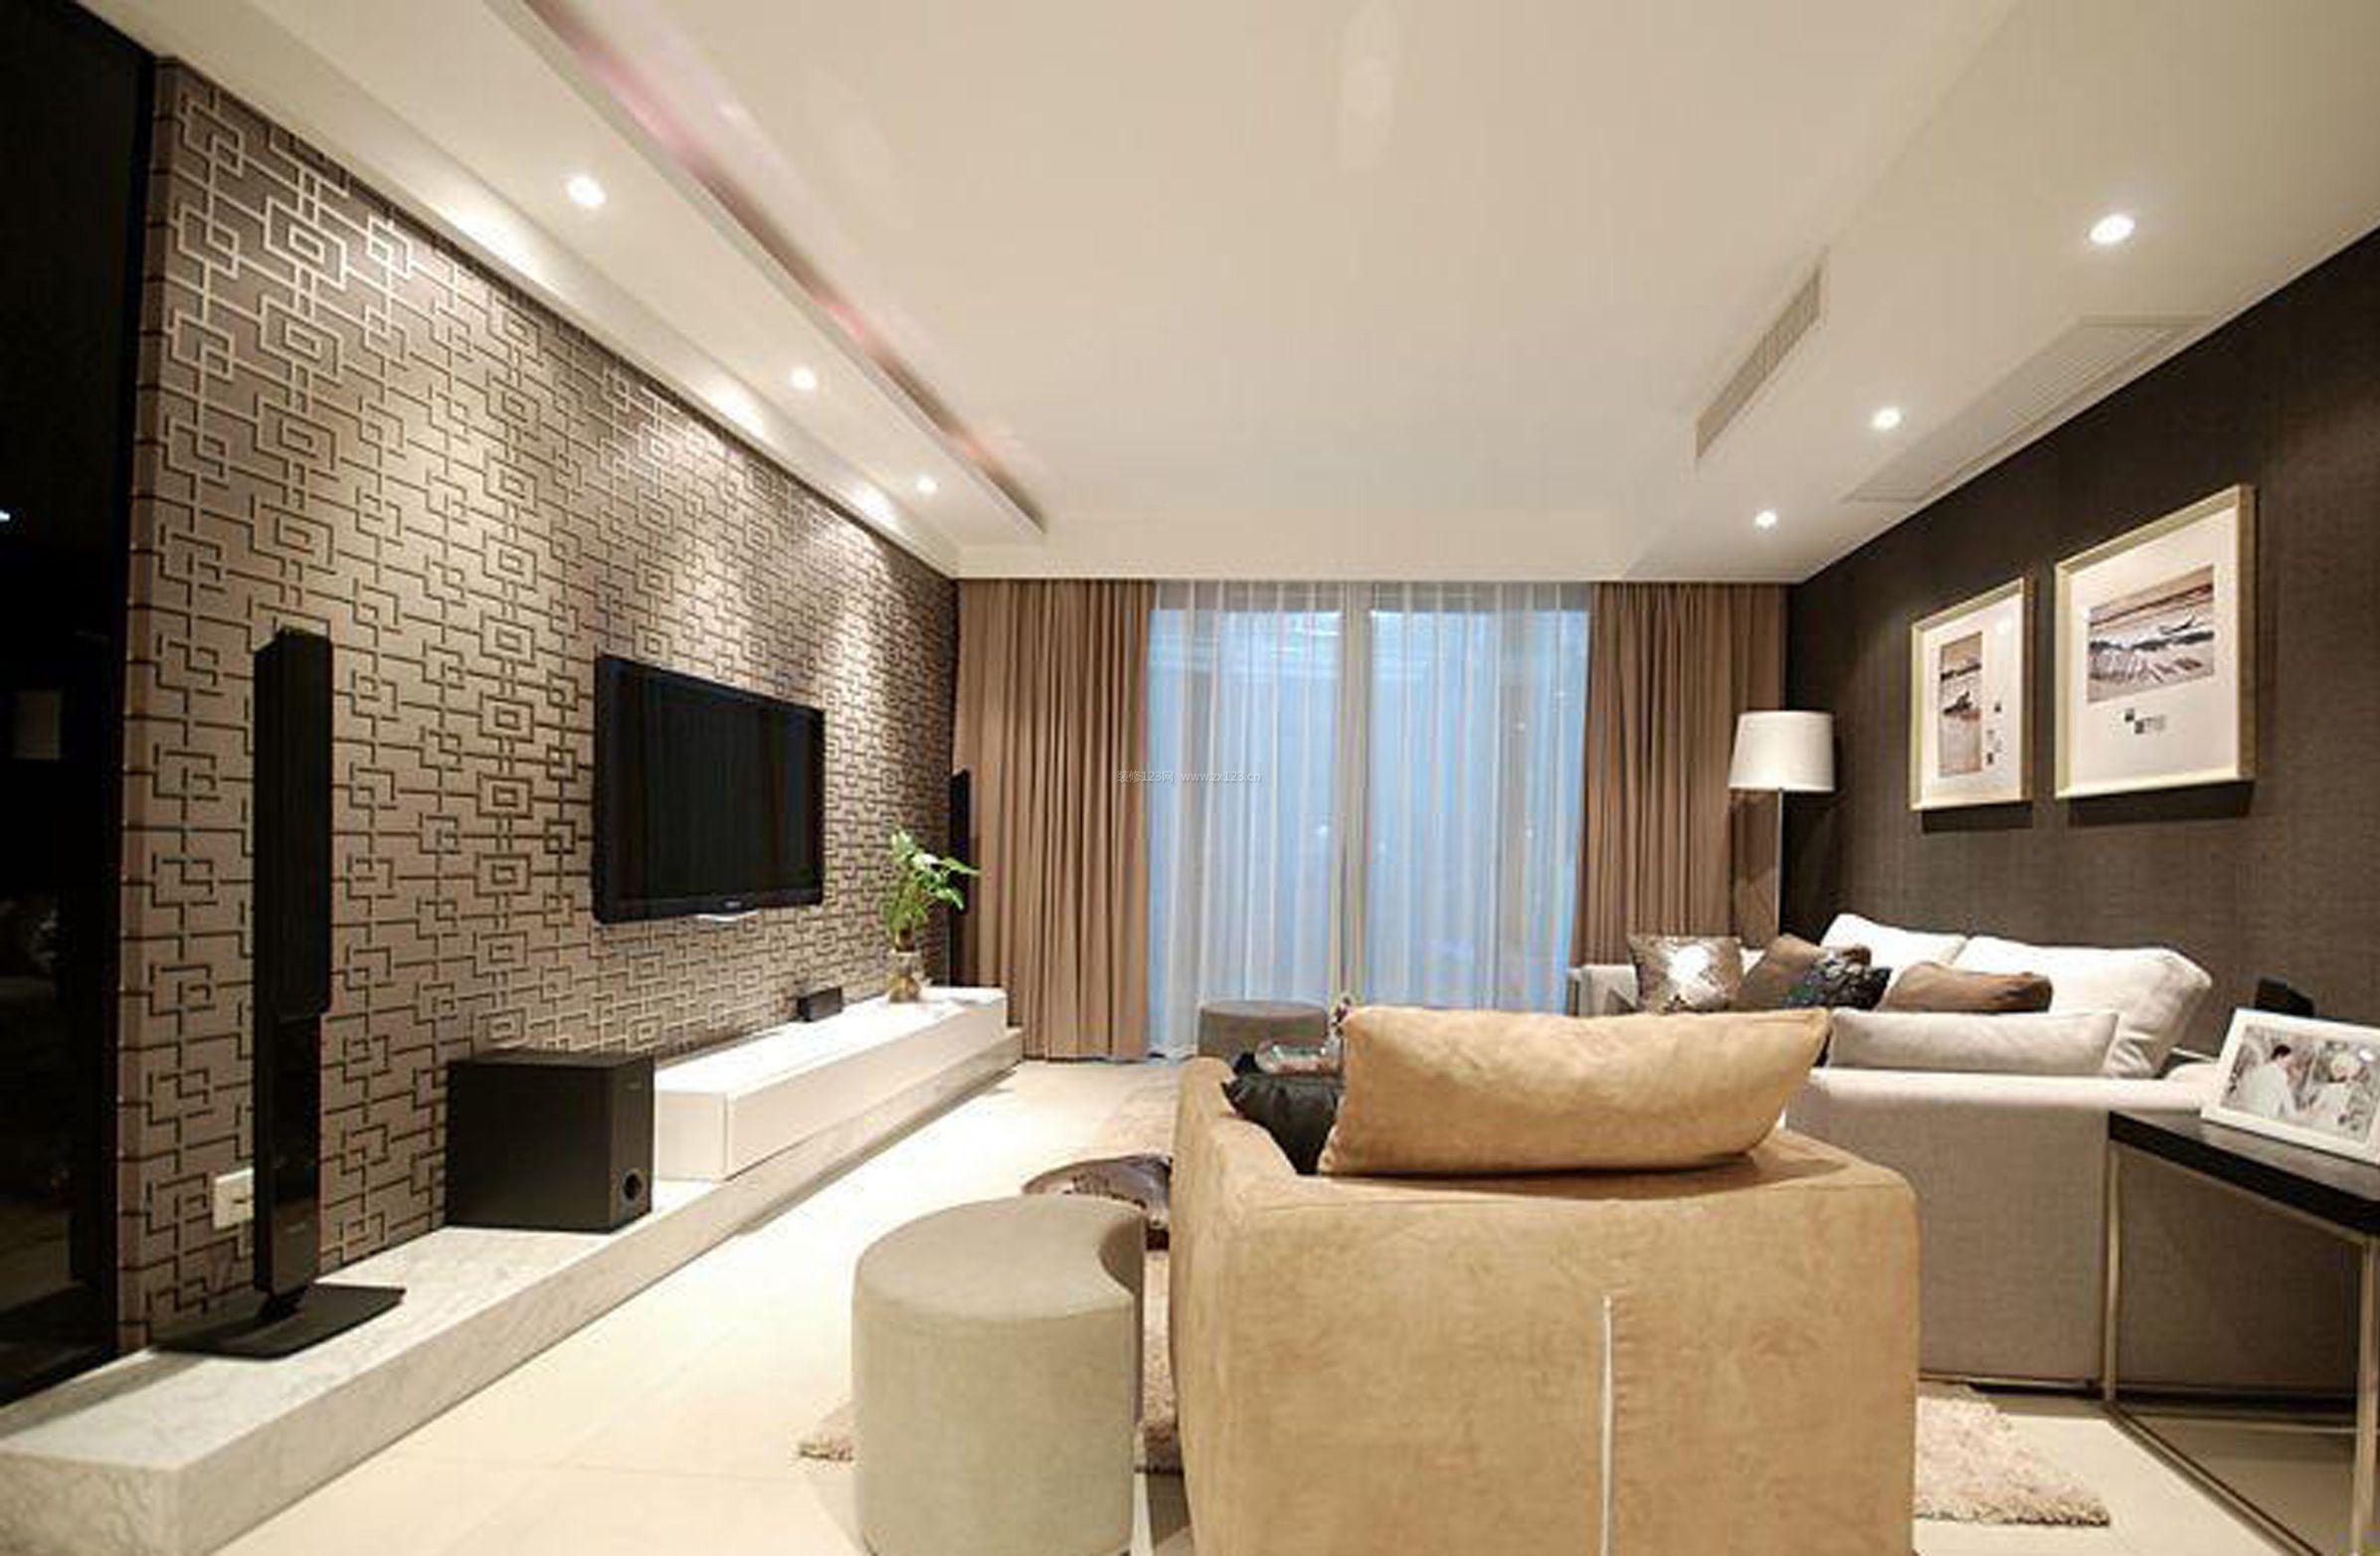 家装效果图 中式 2017现代中式房间电视背景墙装修效果图 提供者图片